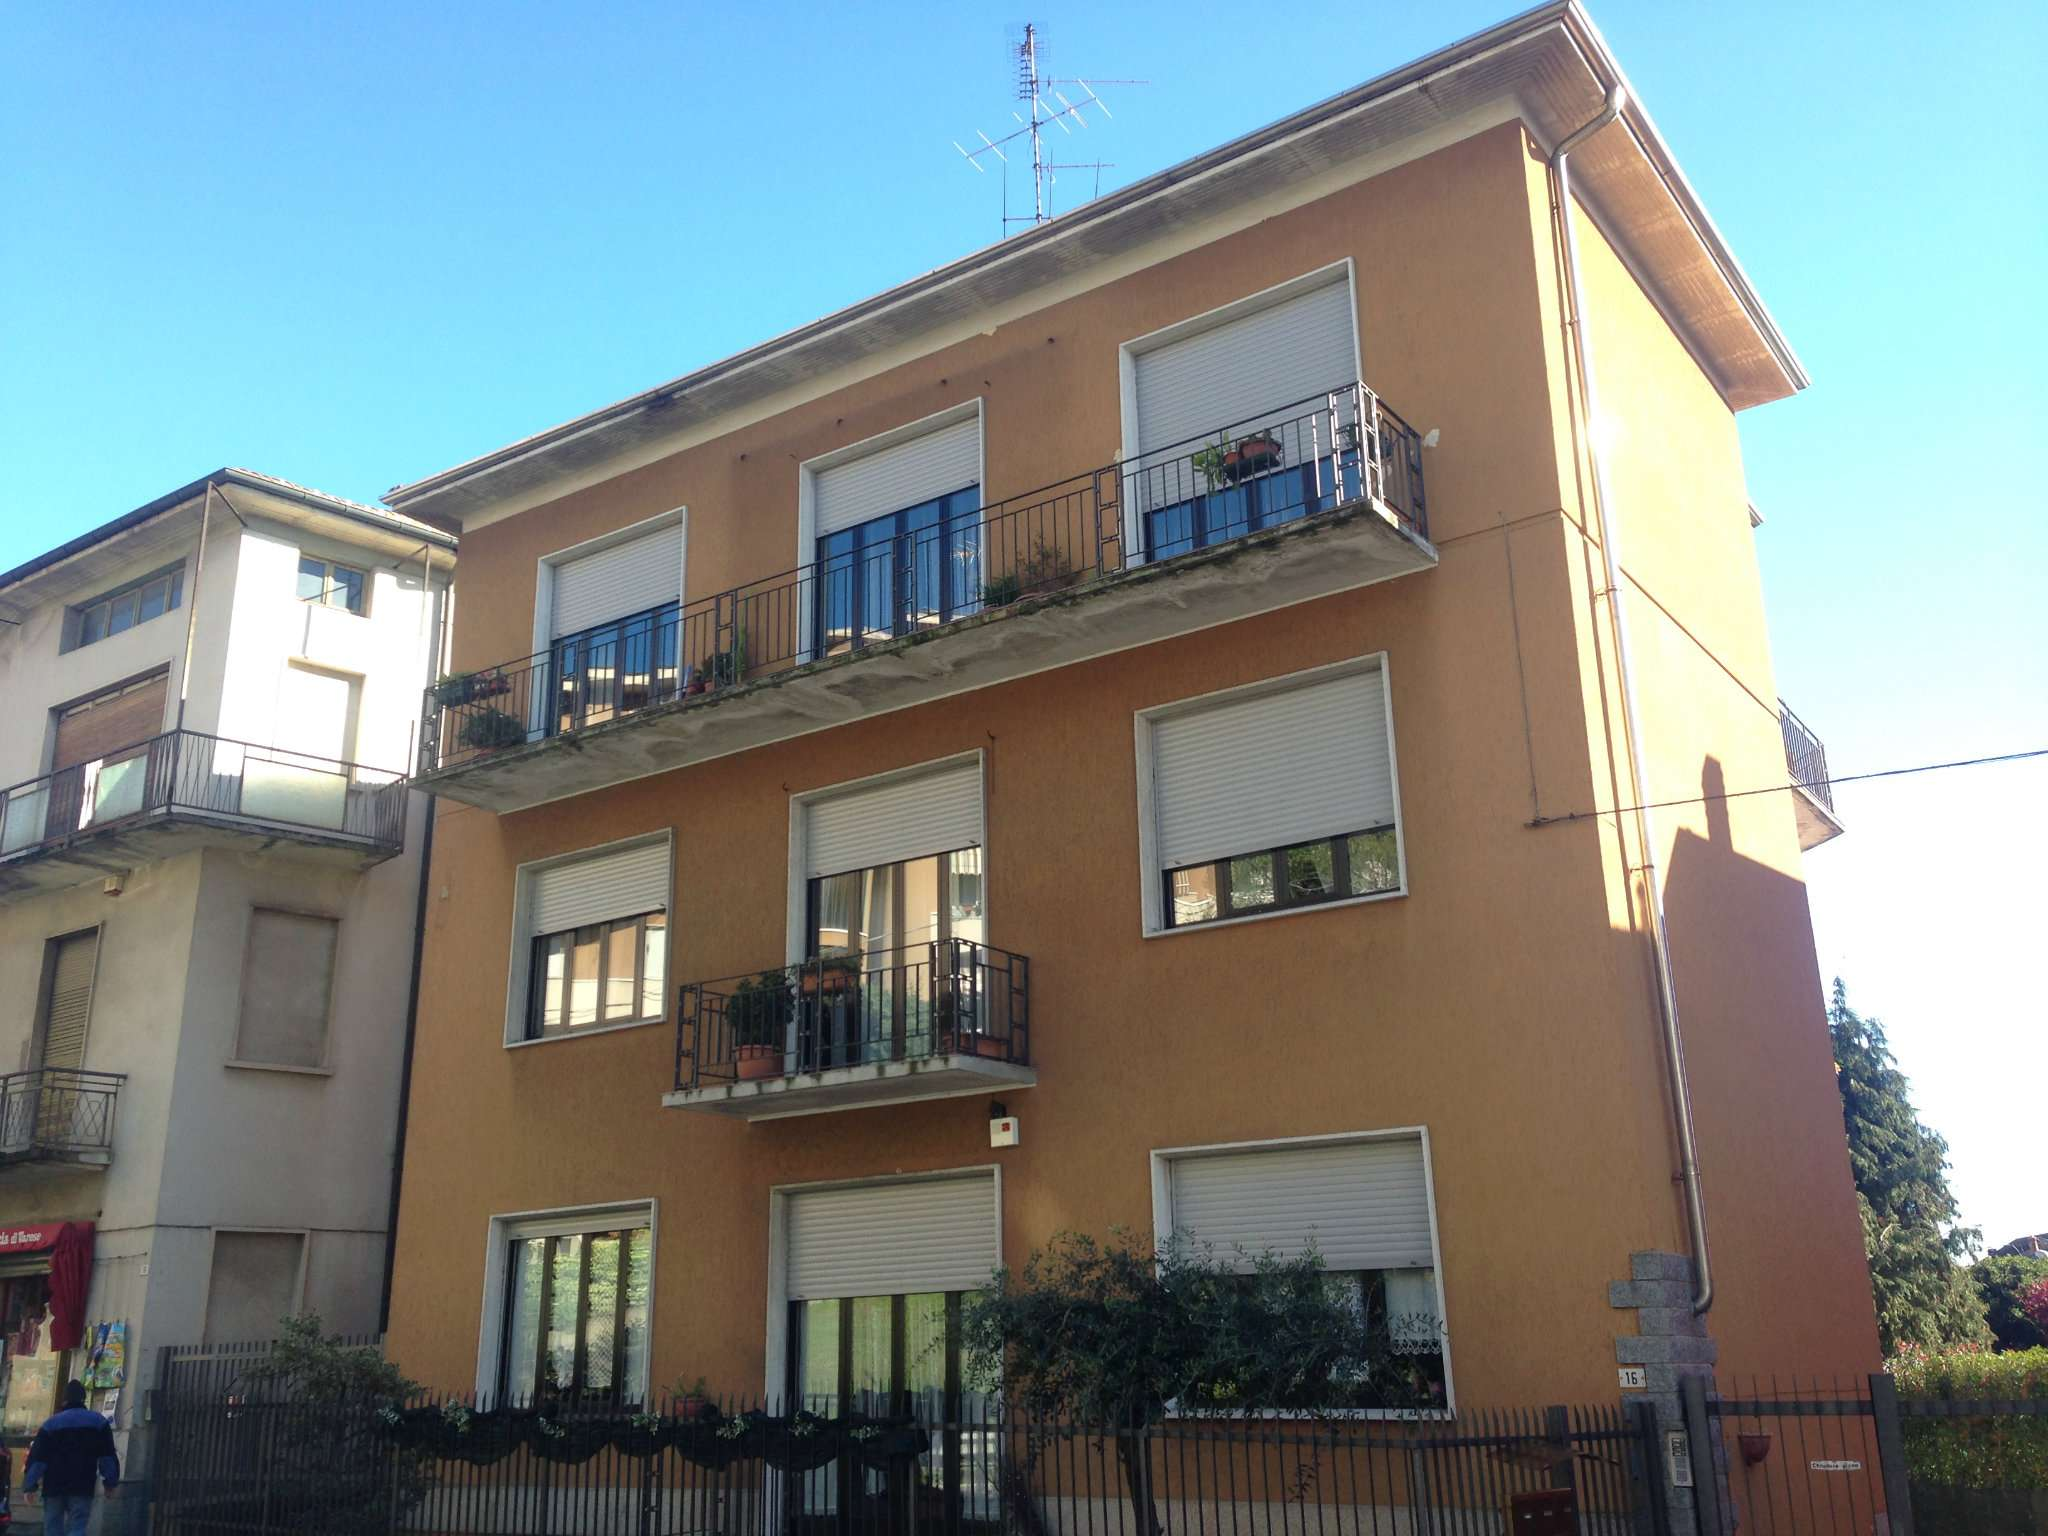 Appartamento in affitto a Jerago con Orago, 3 locali, prezzo € 600 | Cambio Casa.it